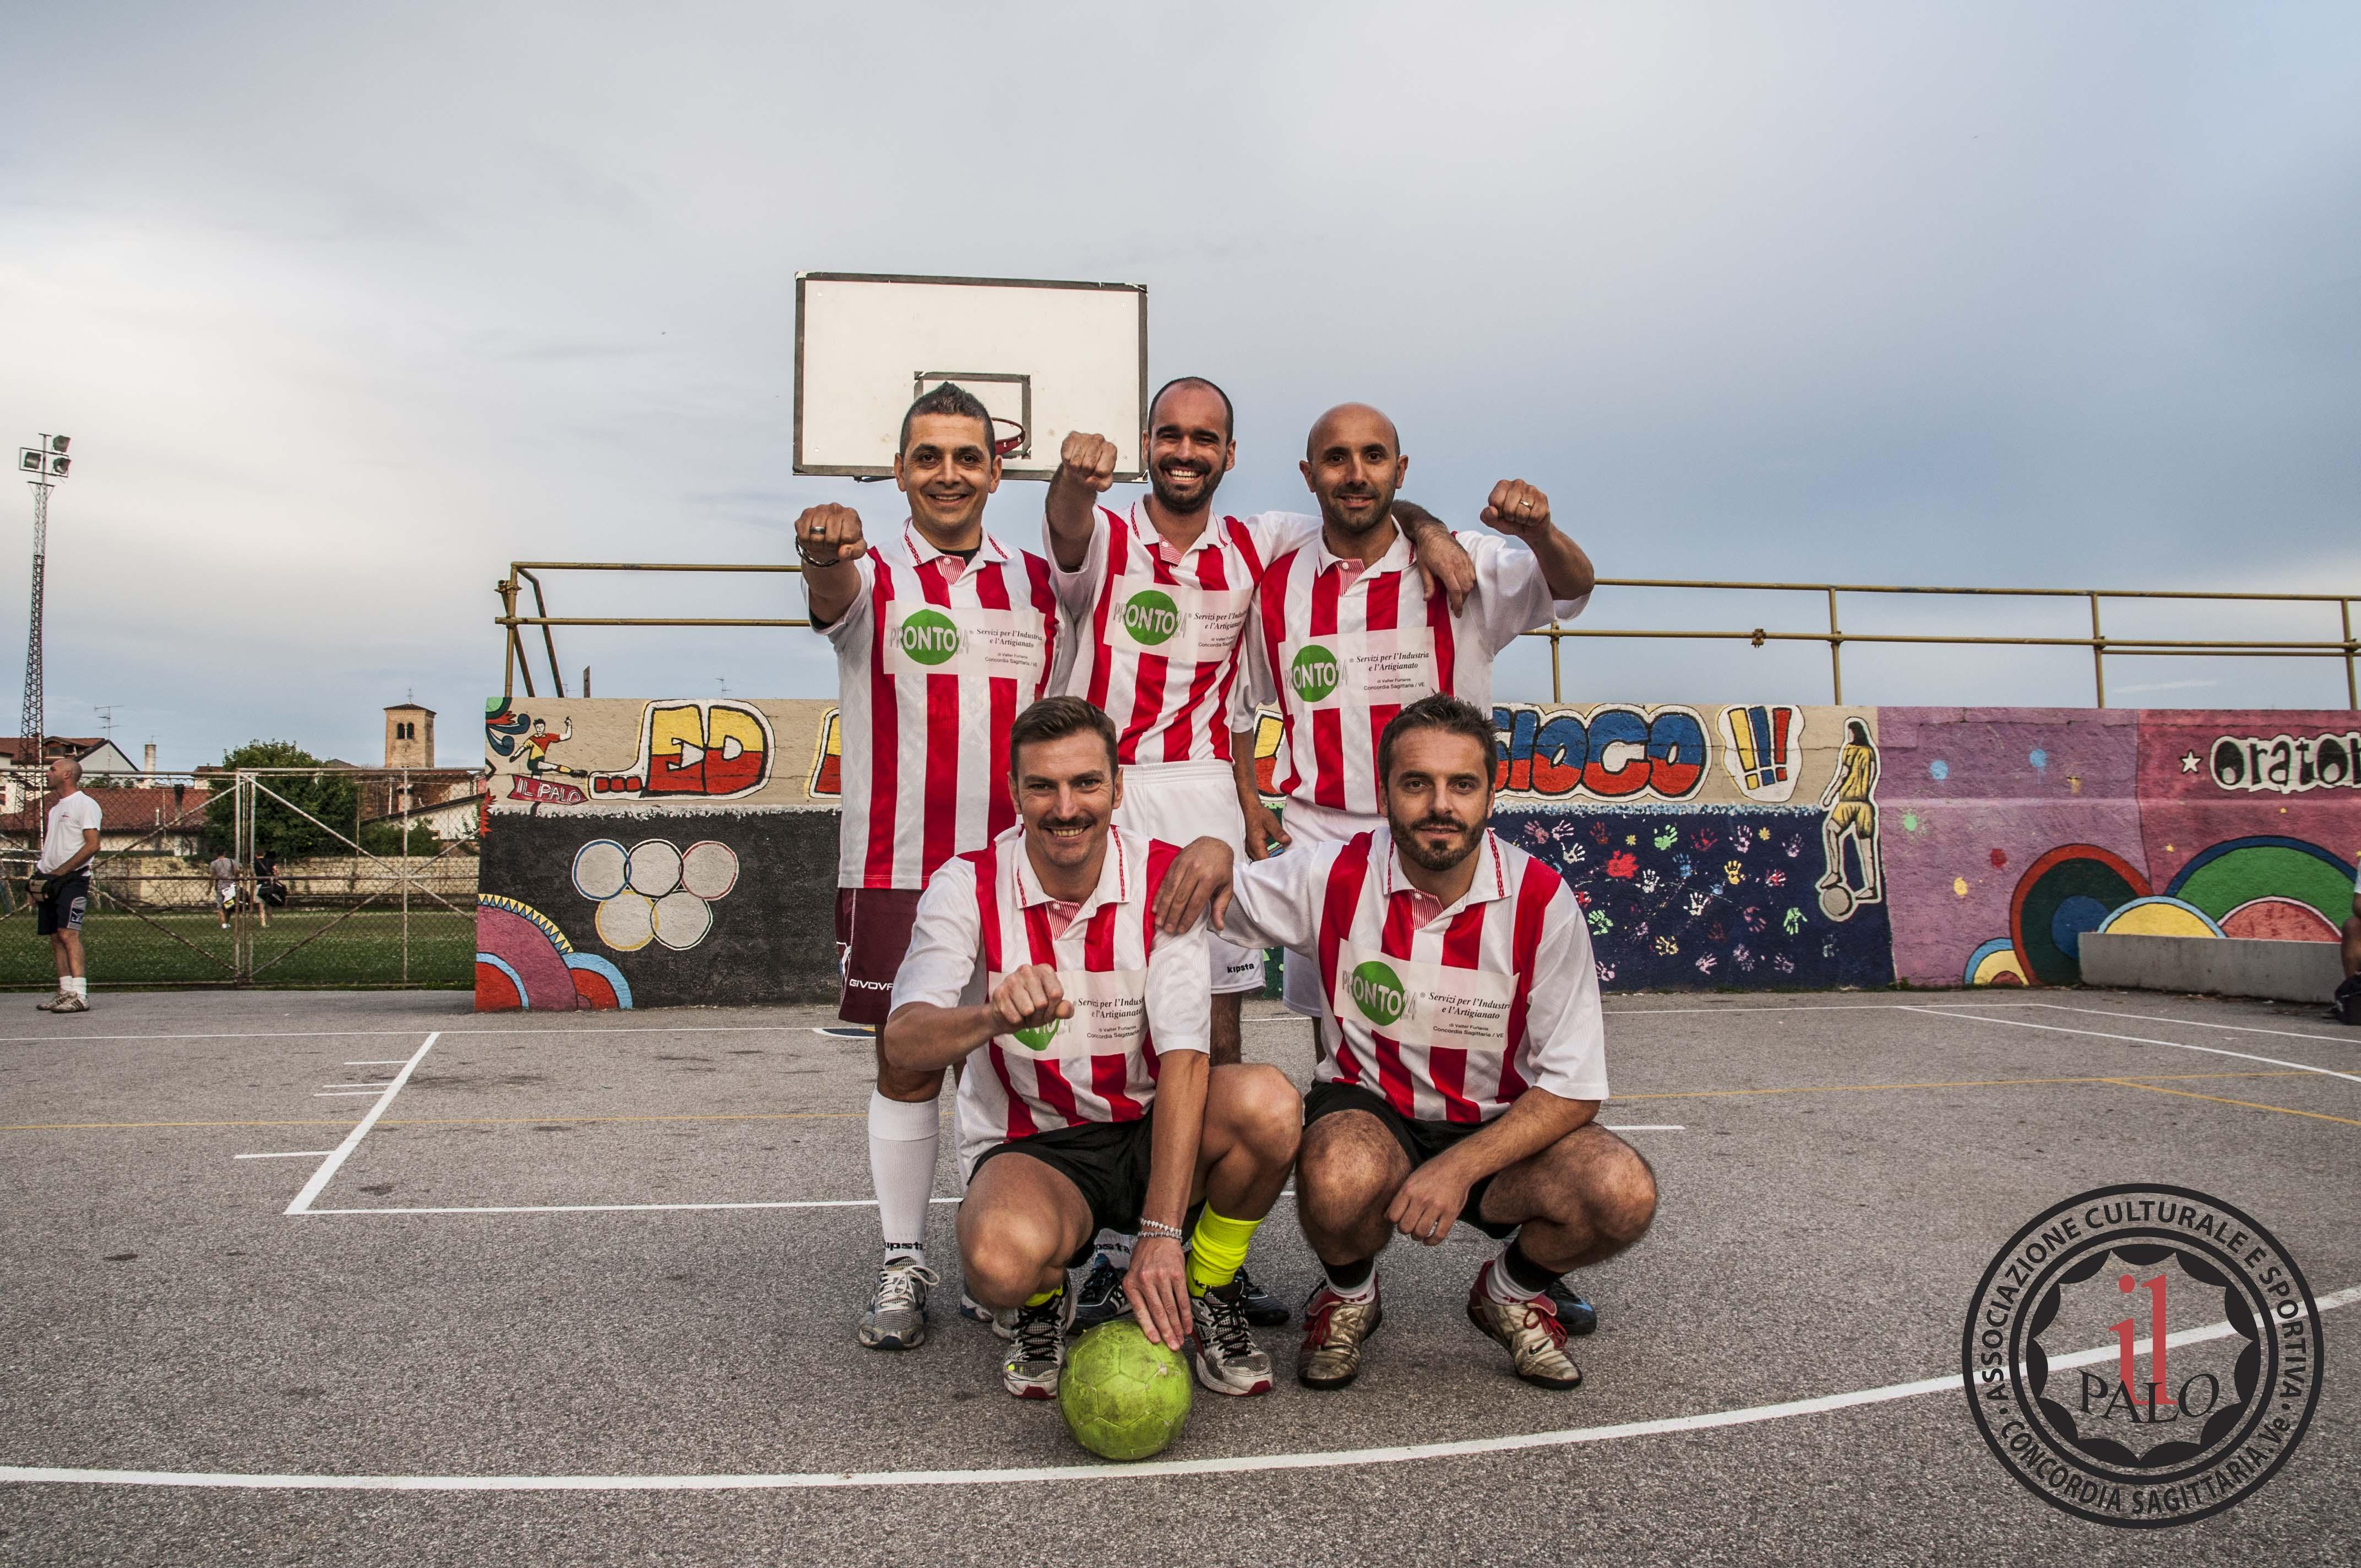 Squadra CREO torneo di palo 2014